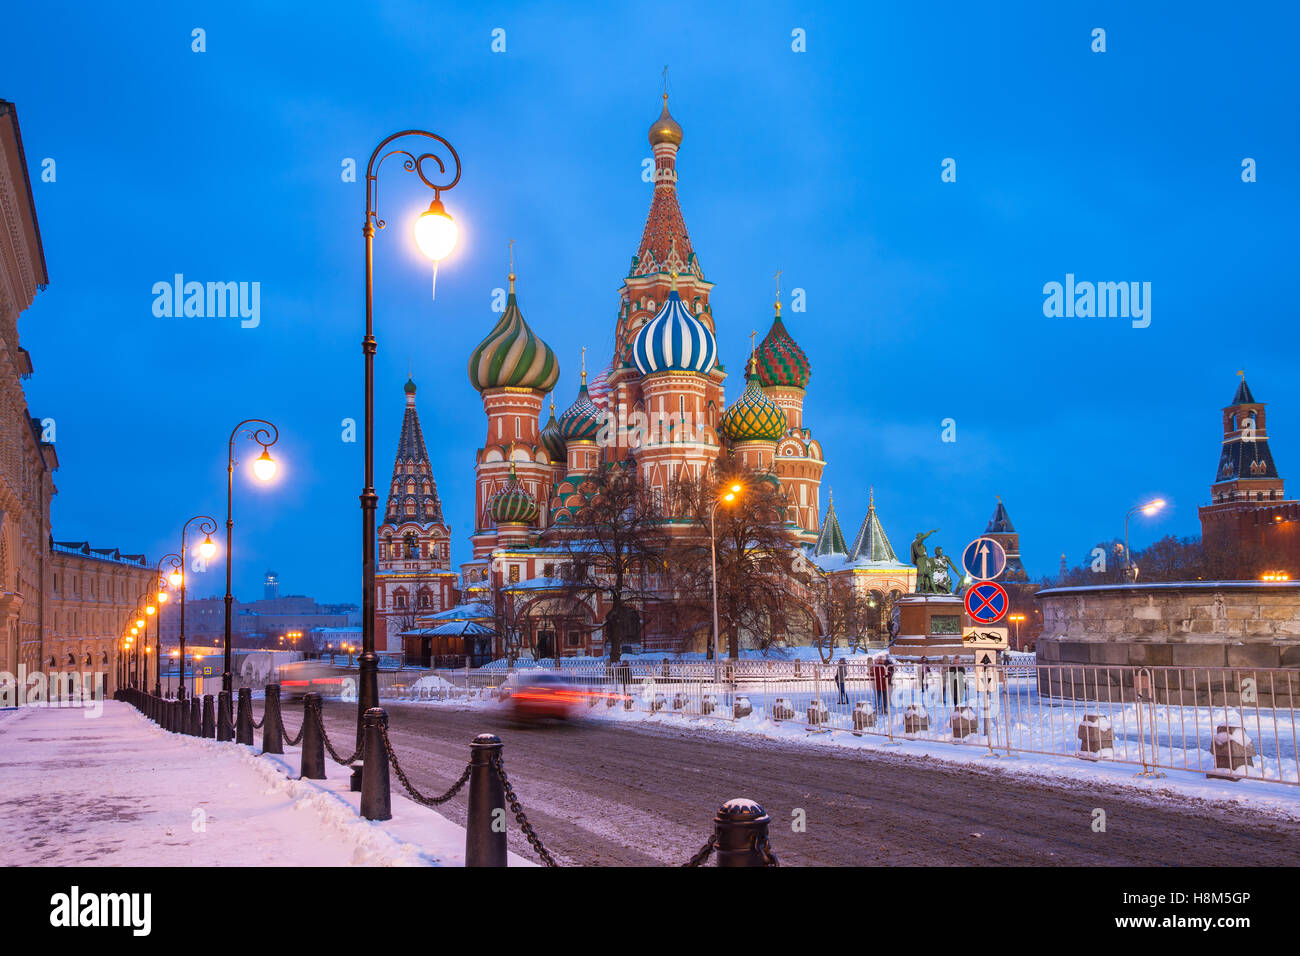 Ver el atardecer de San Basils Catedral en invierno, la Plaza Roja, Moscú, Rusia Imagen De Stock